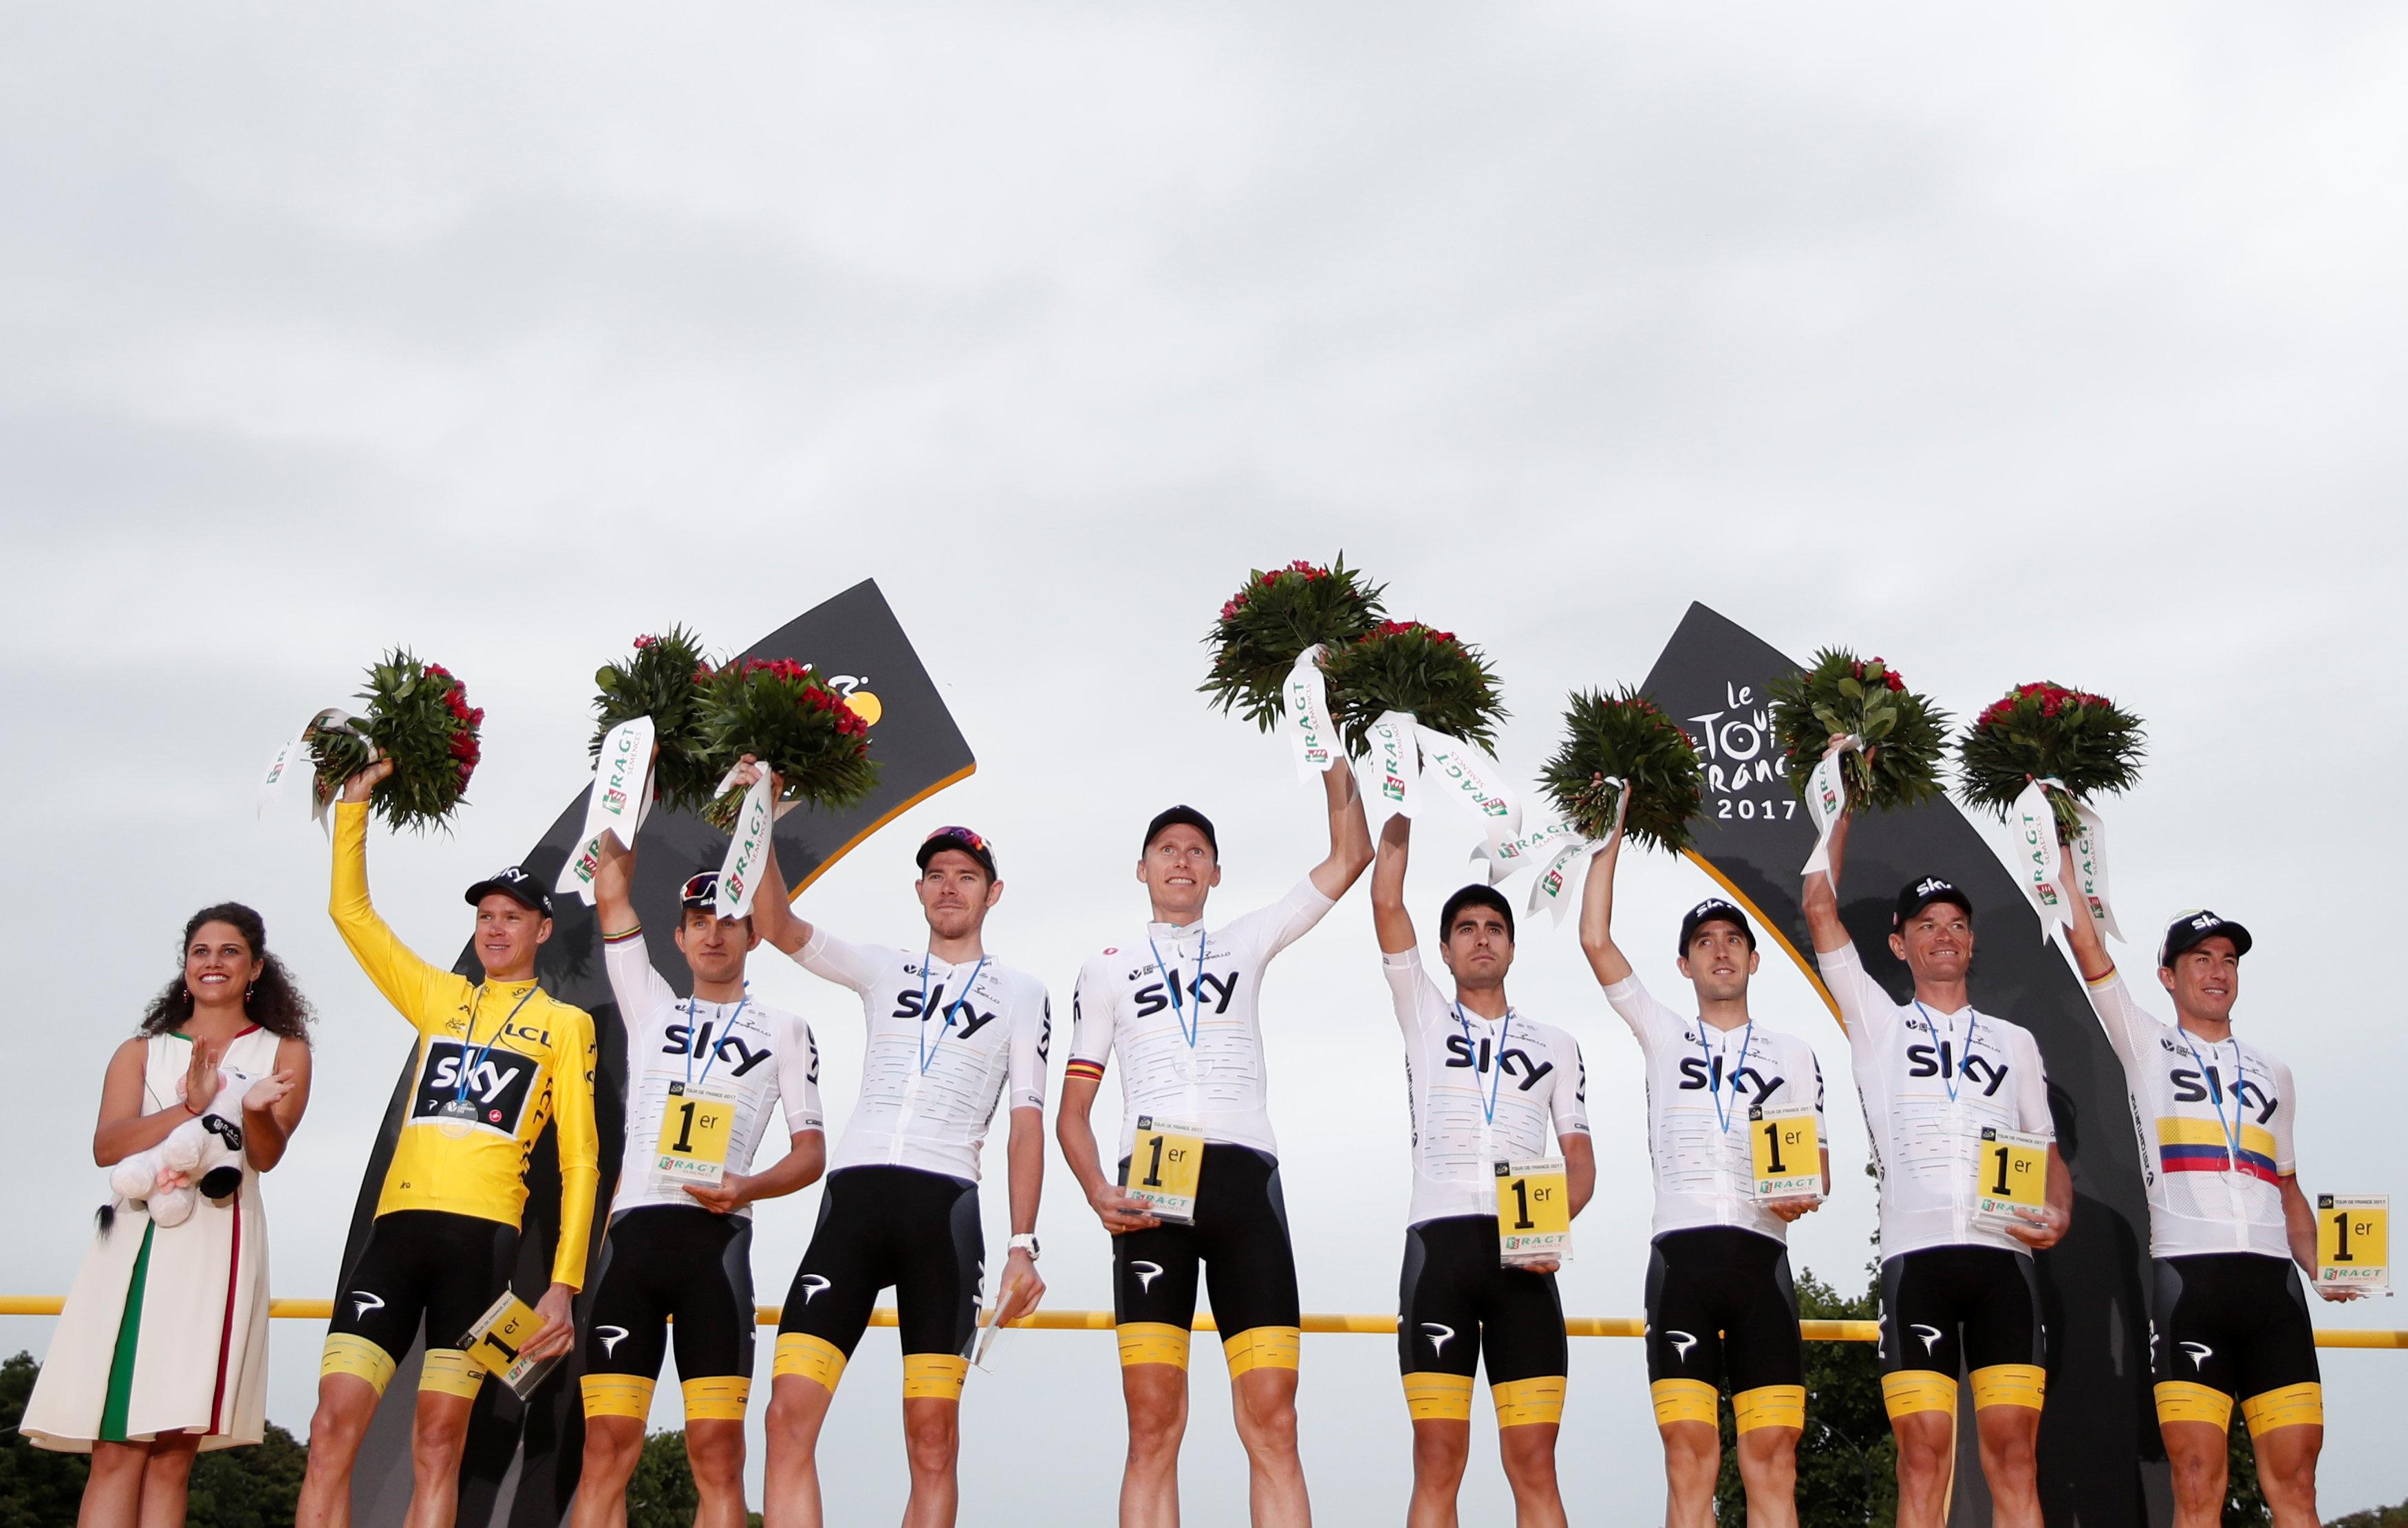 Cyclisme - Tour de France - Tour de France : l'équipe Sky empoche plus de 700.000 euros de gains